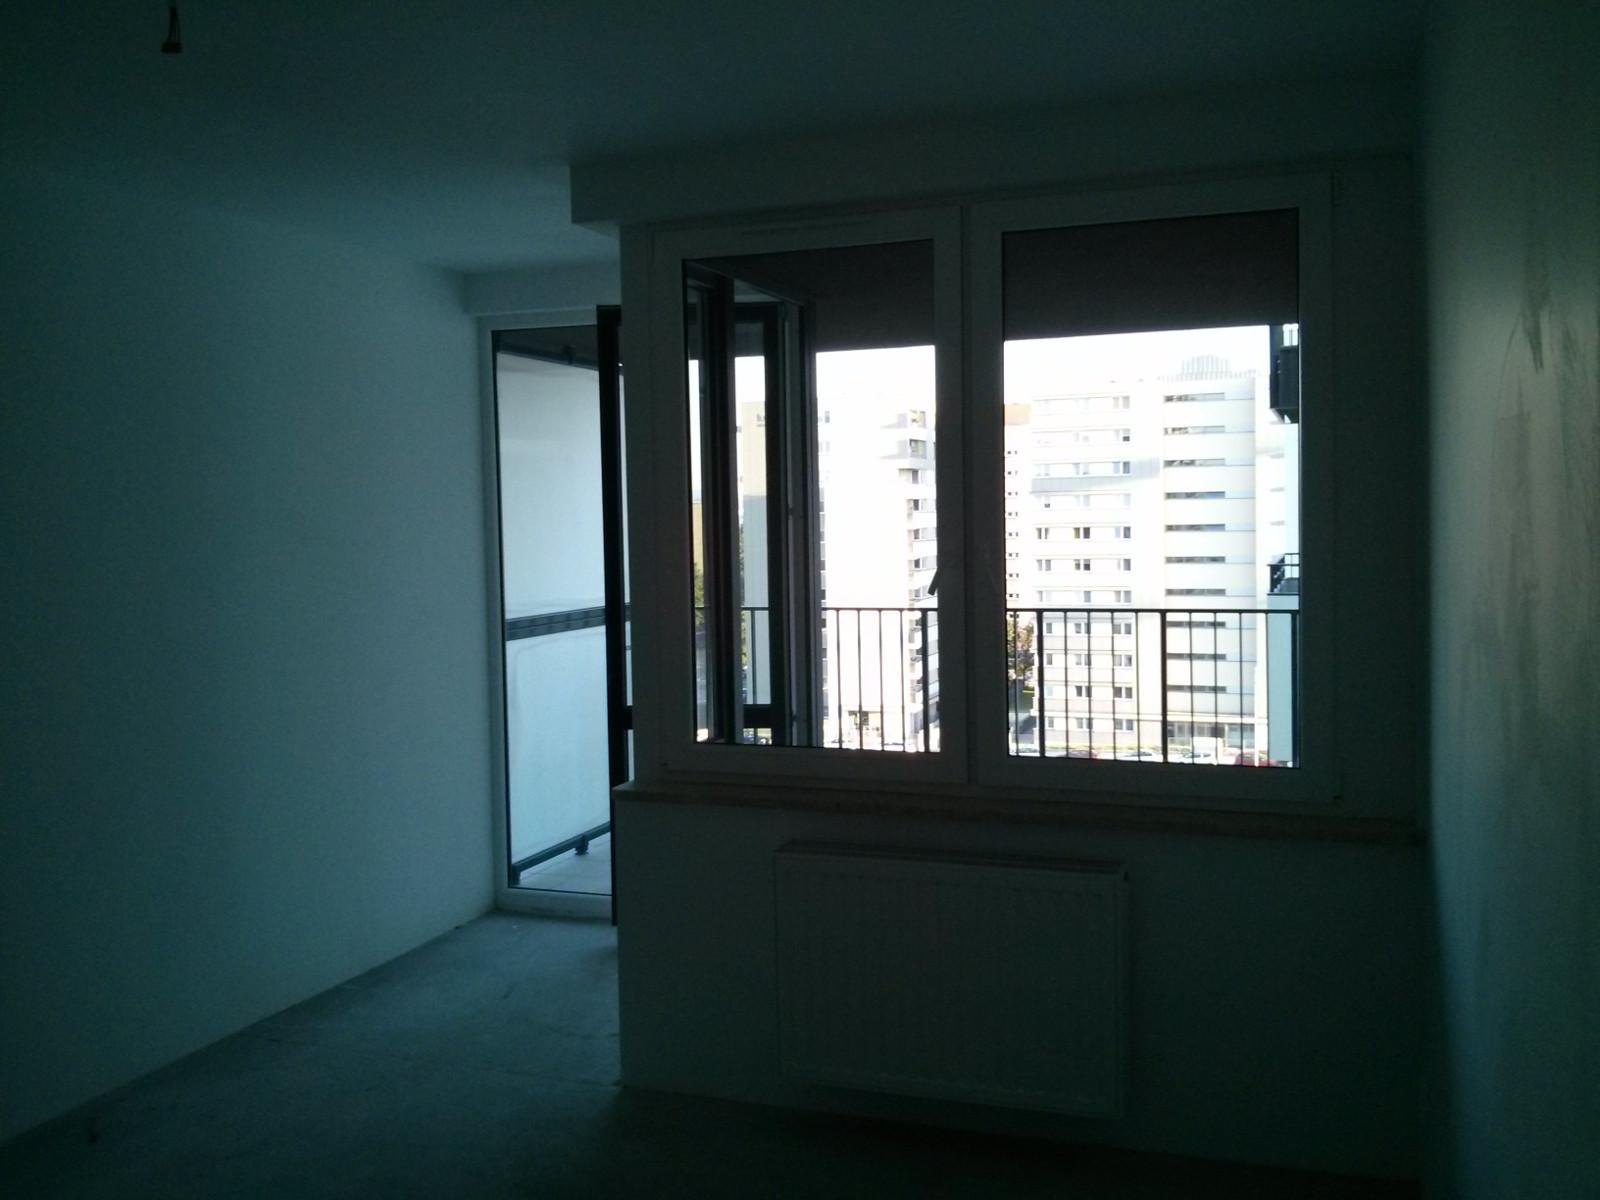 Nowe tanie mieszkania na osiedlu Avia w Krakowie